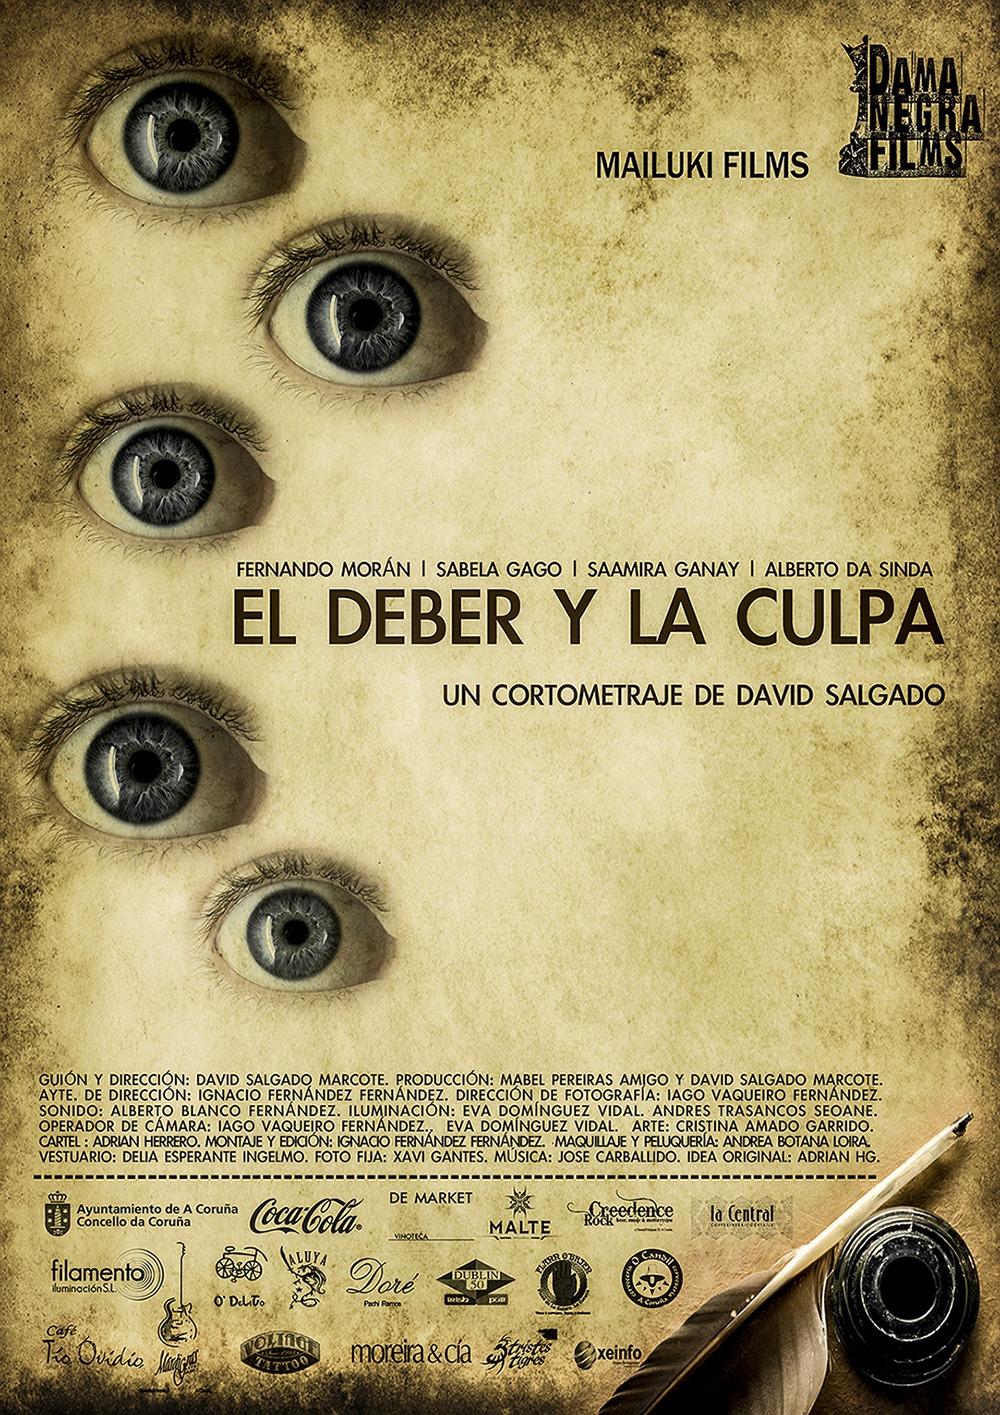 El deber y la culpa. (Dama Negra Films. 2012.)